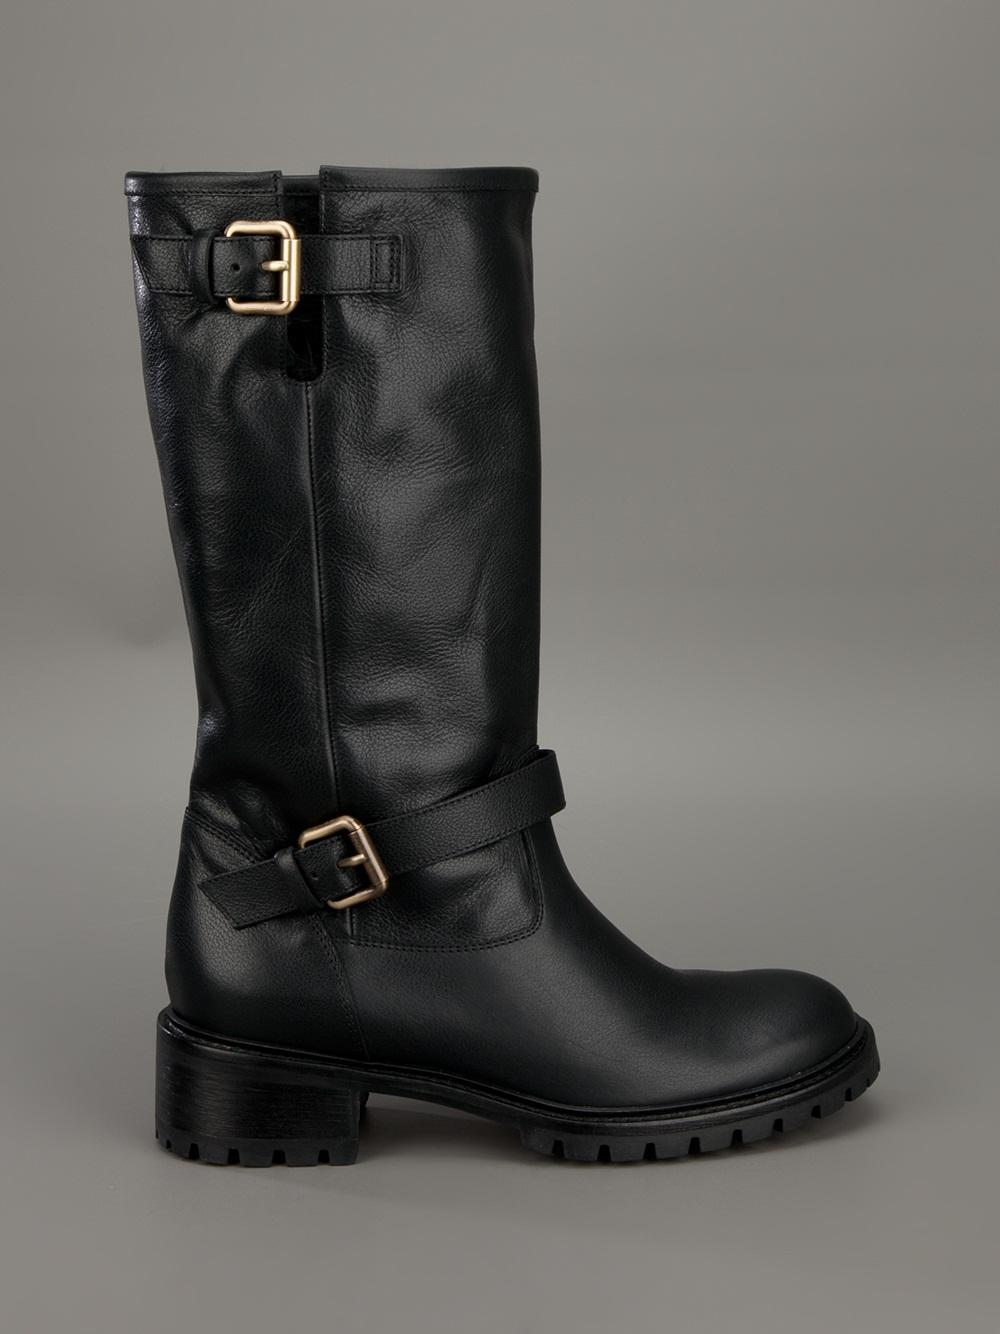 83a85f01dd4 Fendi Black Classic Biker Boot